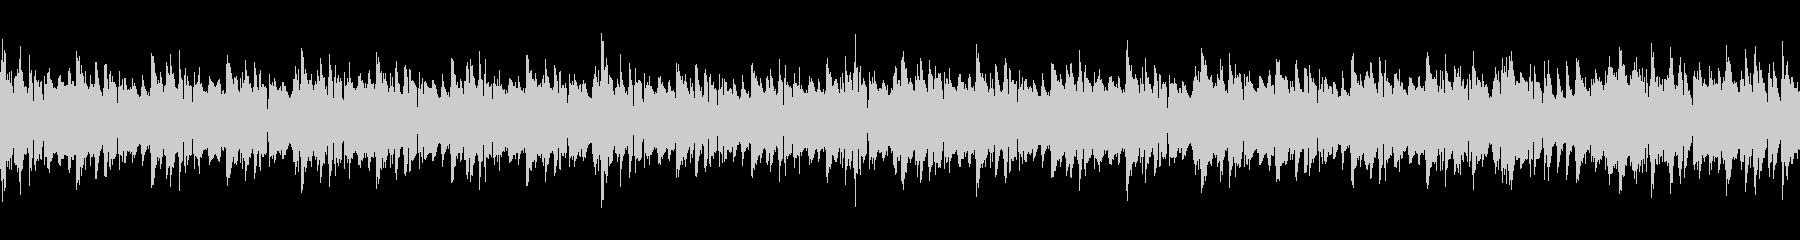 ジャズテイストで大人的、都会的[ループ]の未再生の波形